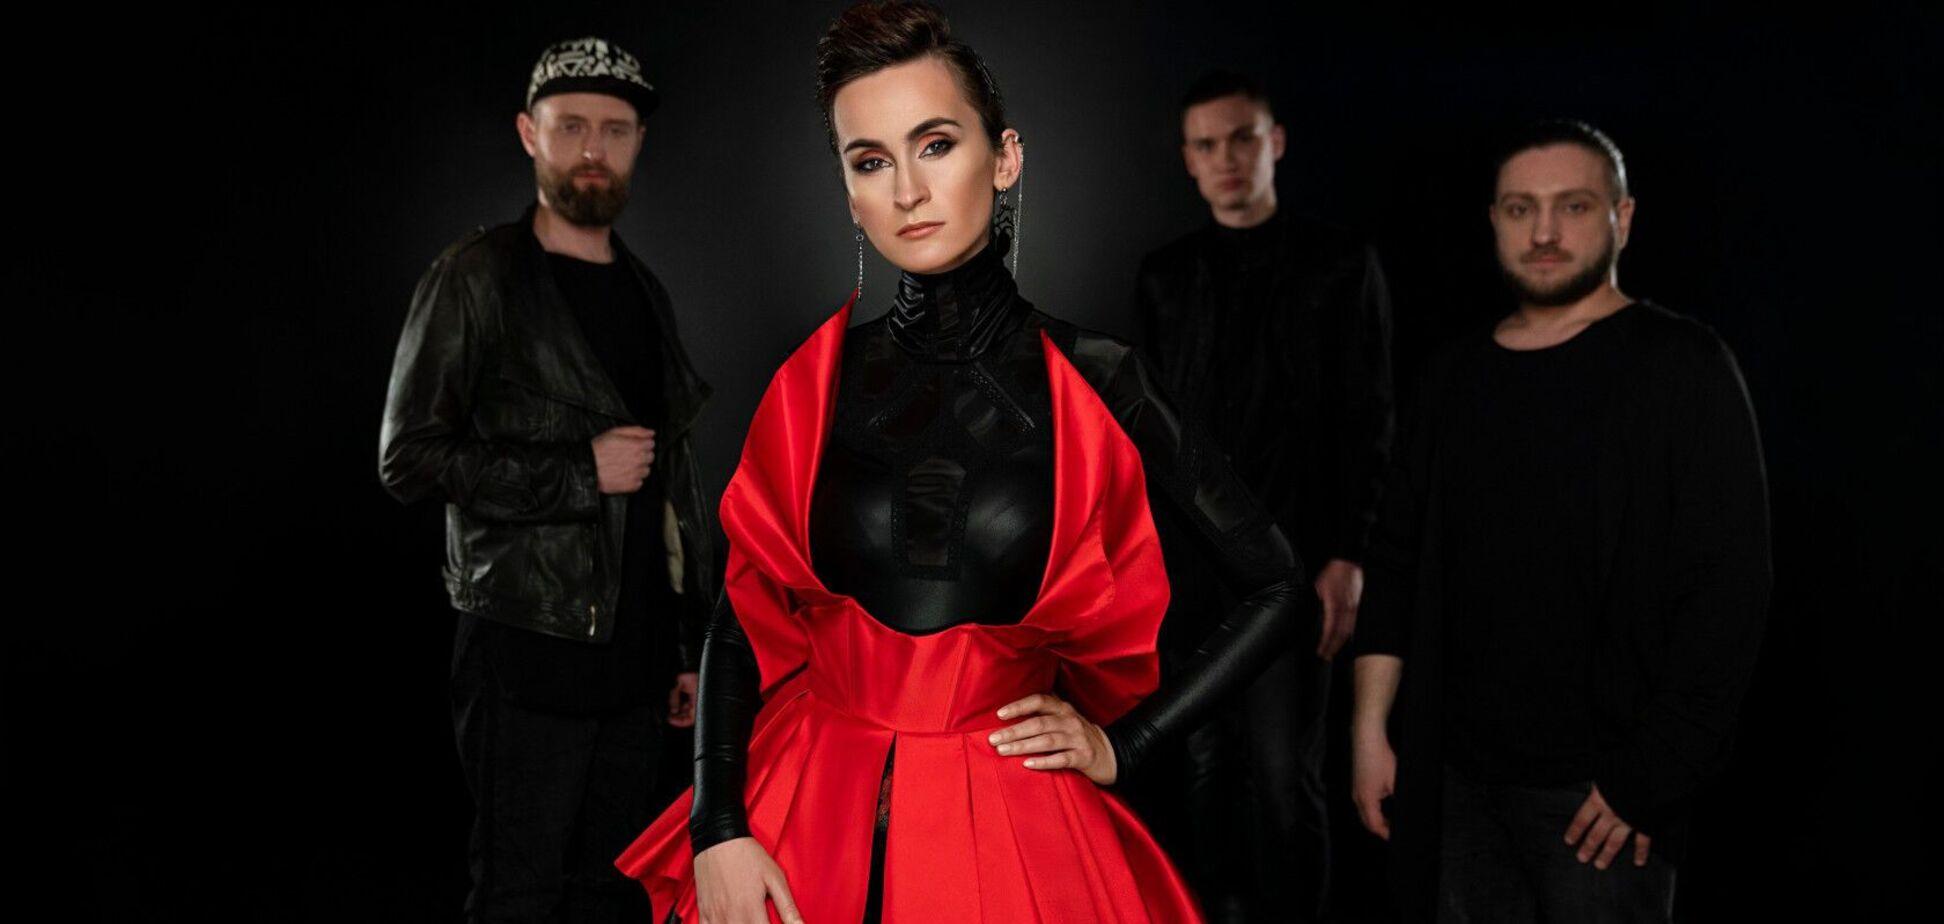 Группа Go_A презентовала новый клип на песню, с которой поедет на Евровидение от Украины. Видео